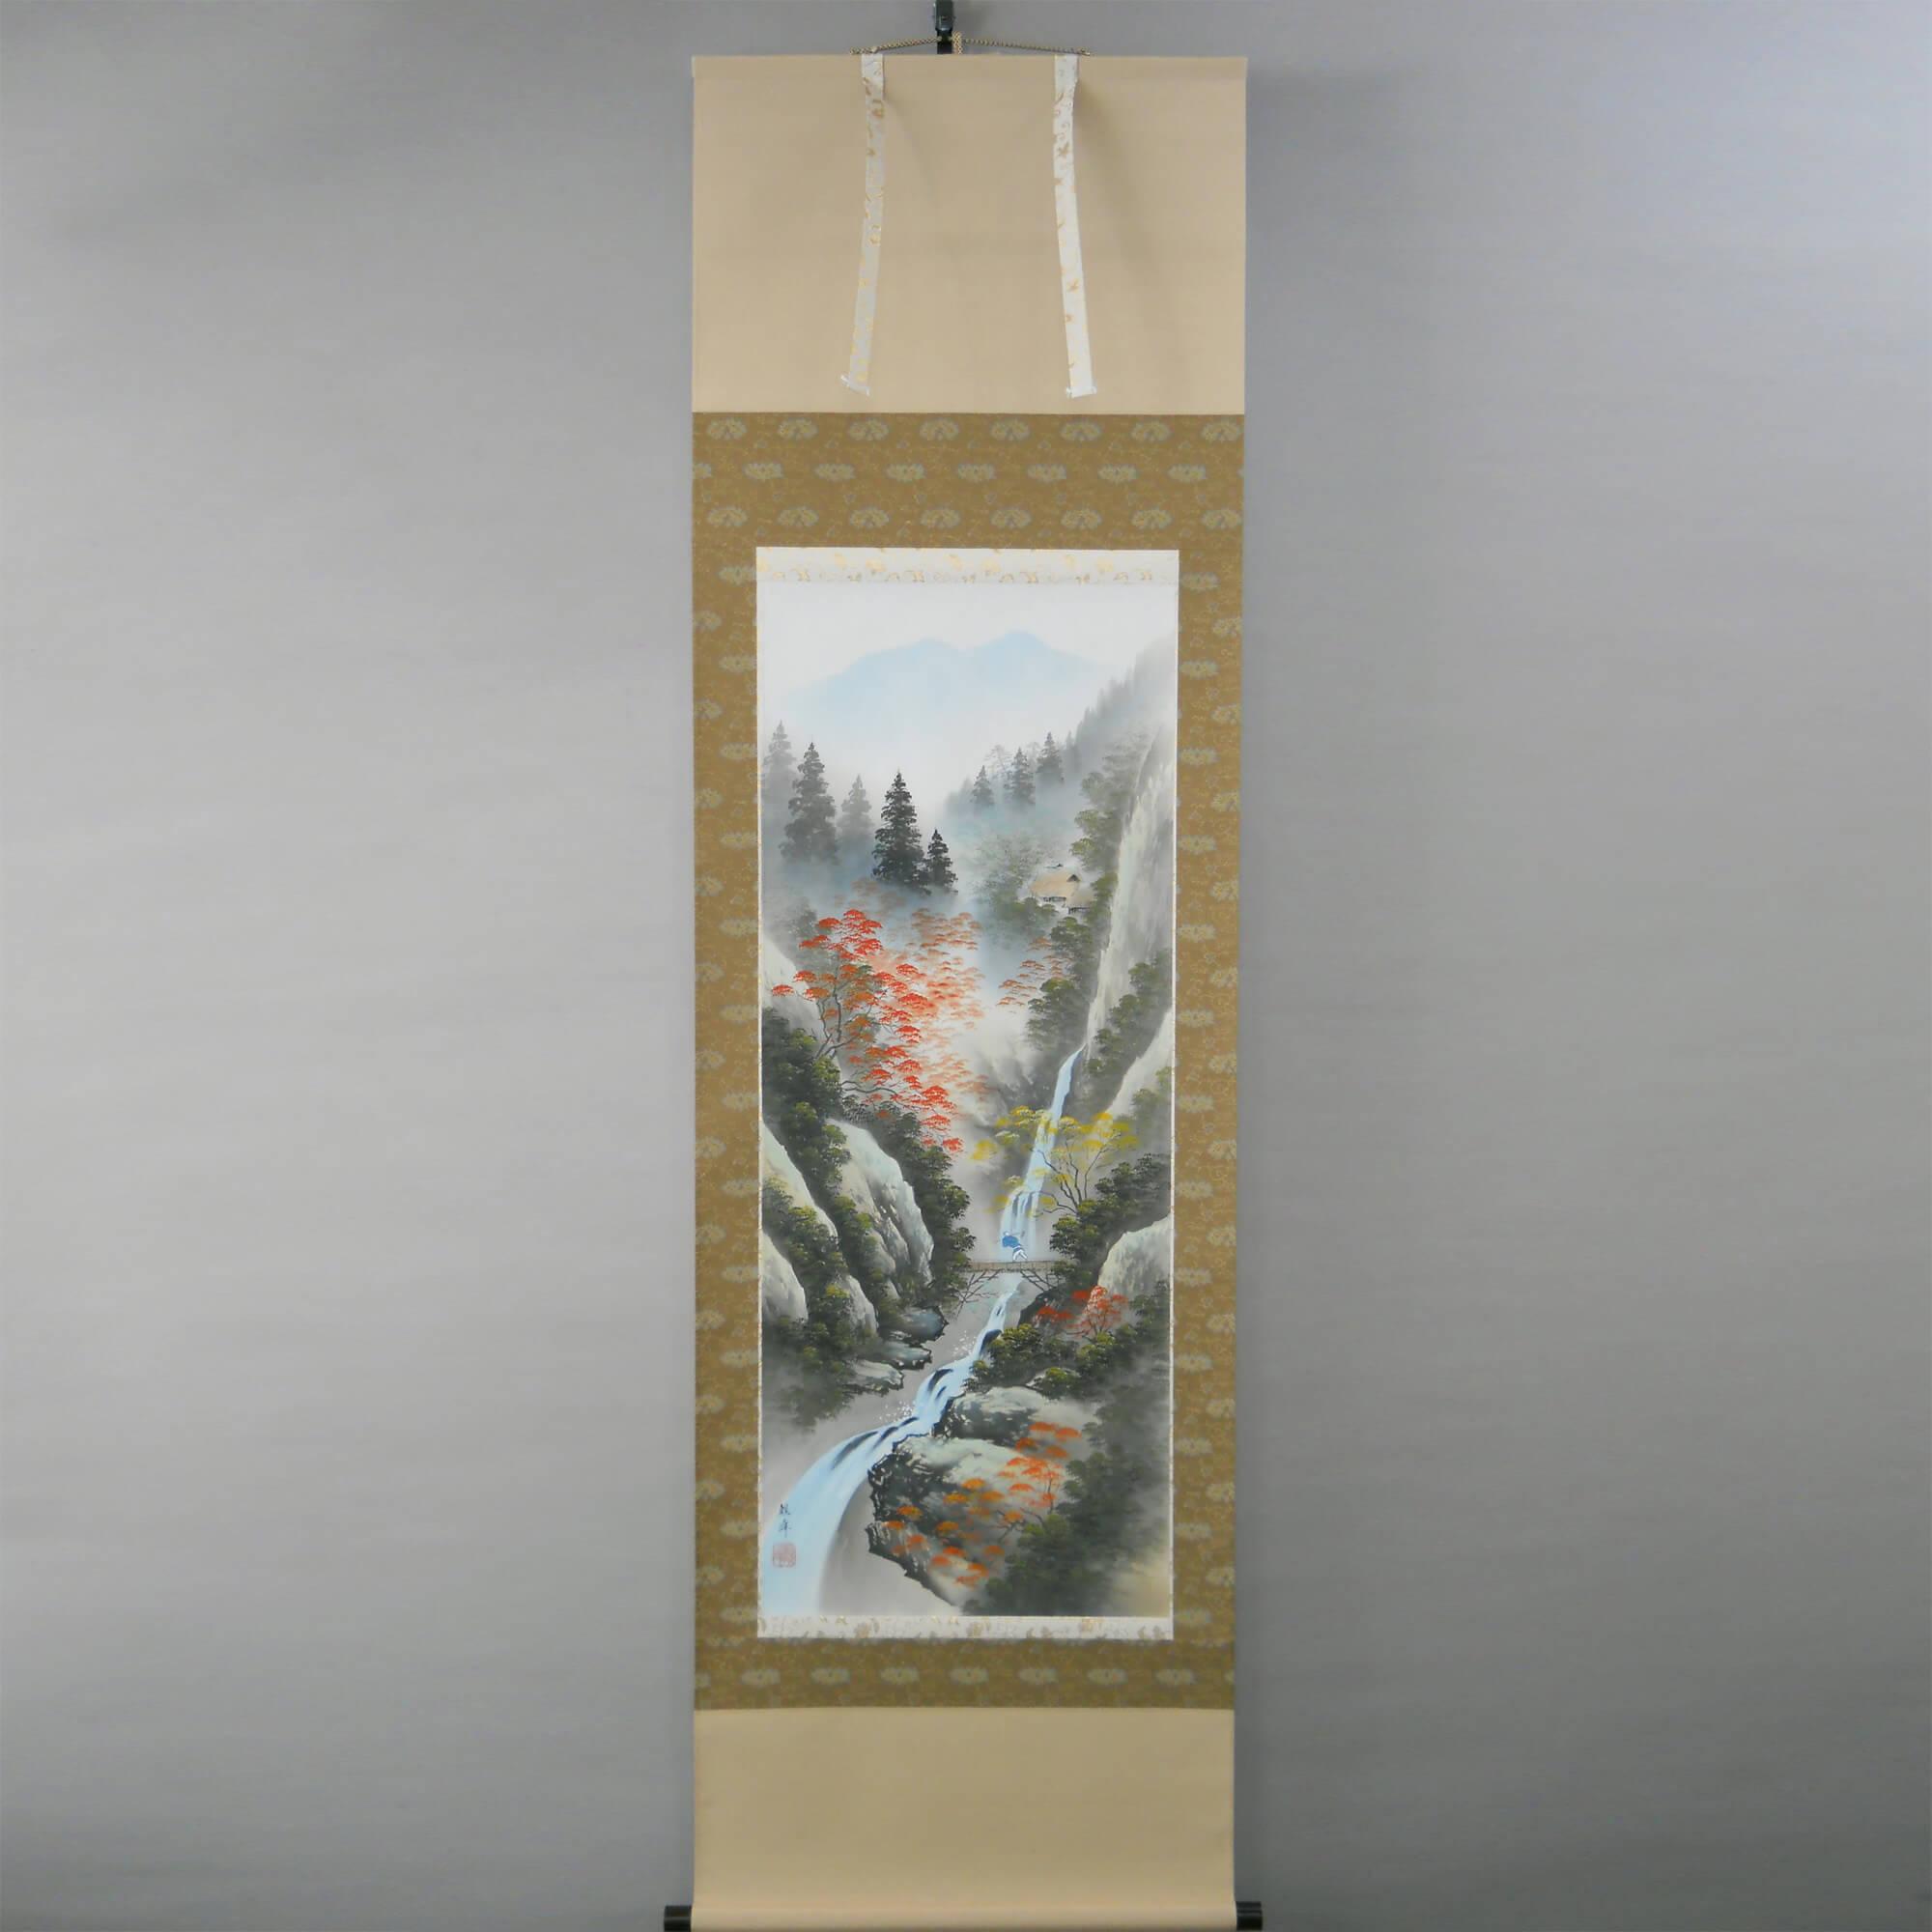 Landscape Painting: Autumn Scenery / Kawamura Kanpō